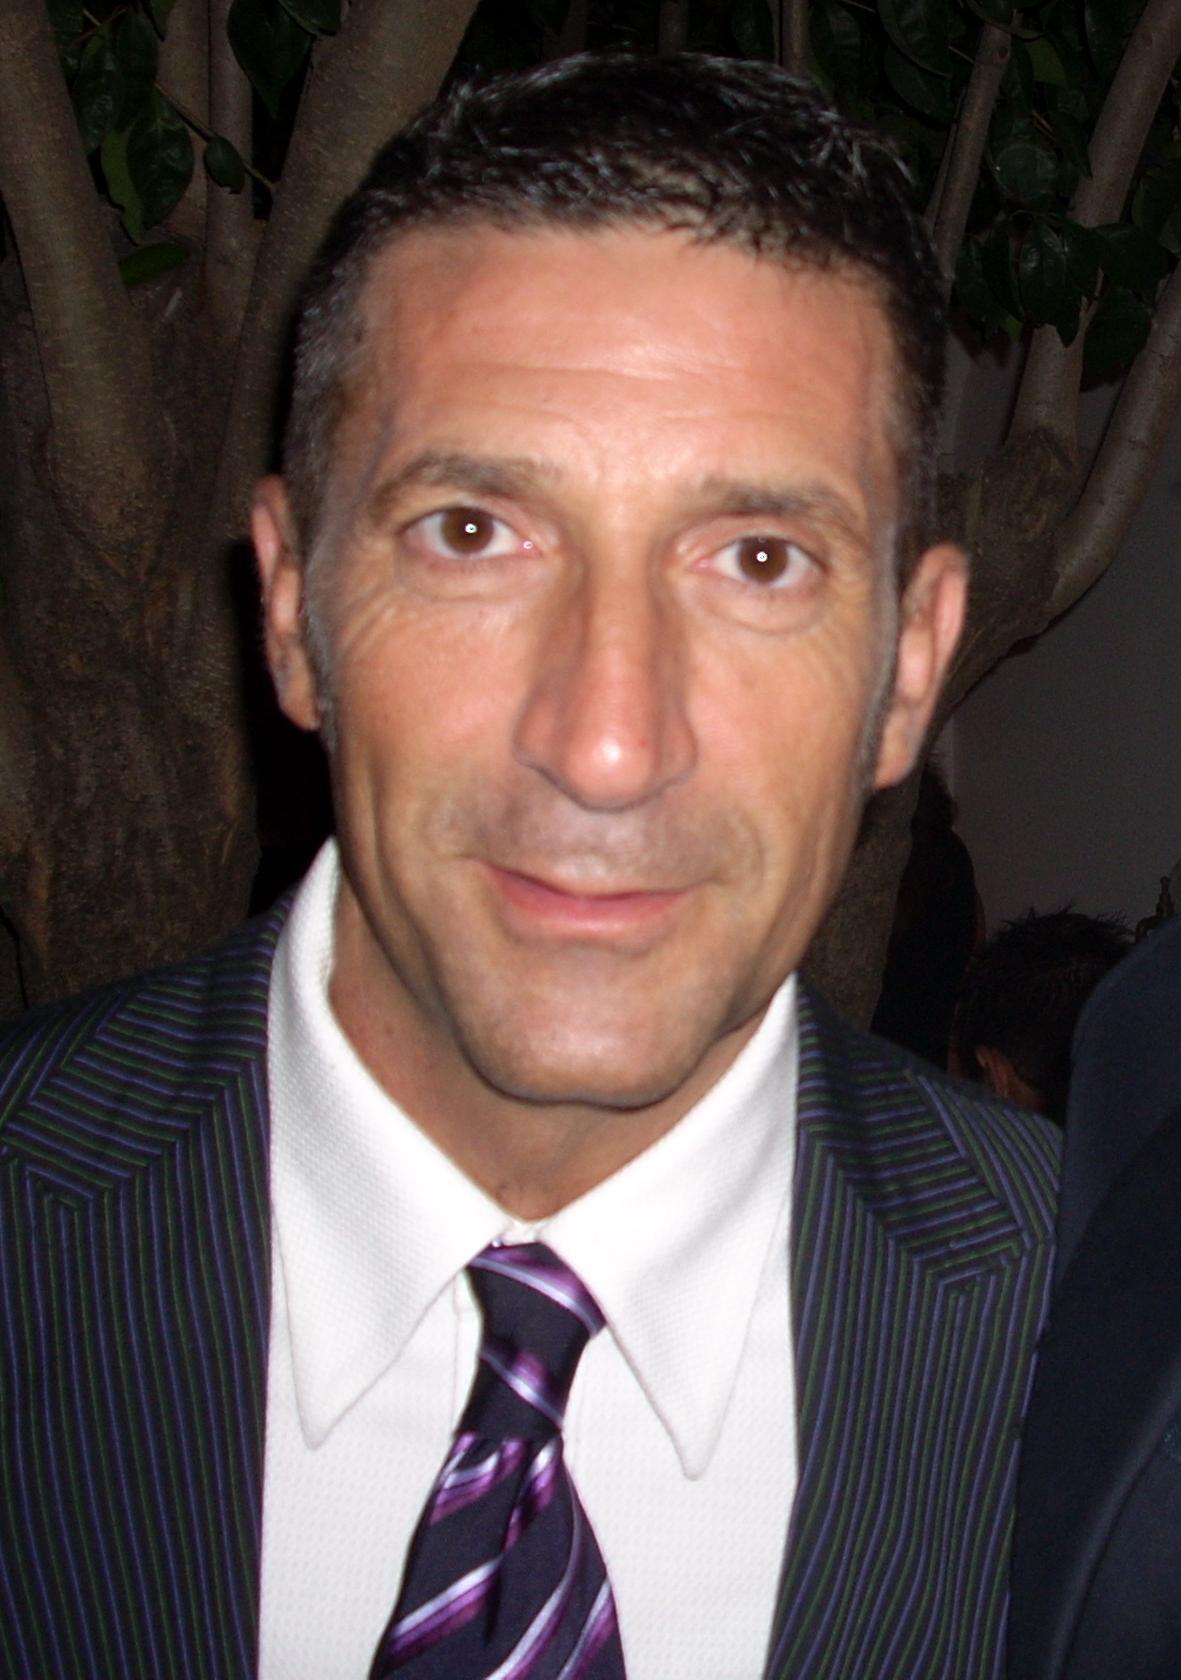 Girolamo Panzetta  Wikipedia